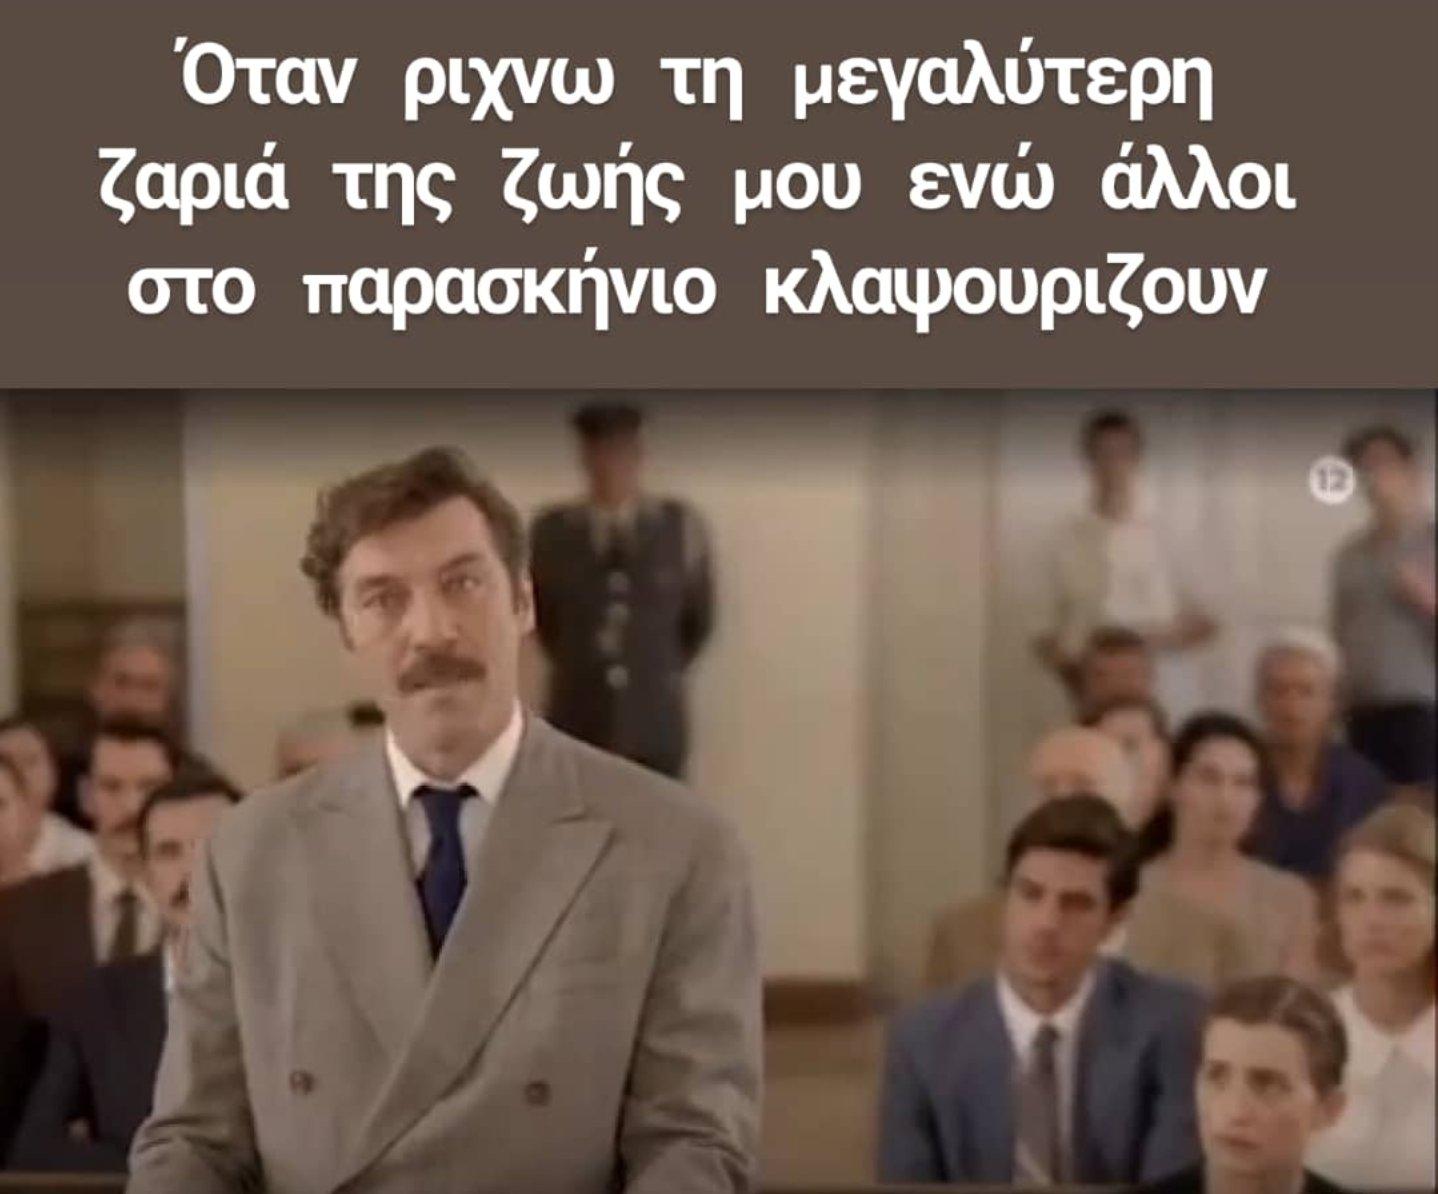 Ο διαδικτυακός Θωμάς Κυπραίος – Τα καλύτερα tweets του – @thomaskypraios #agriesmelisses